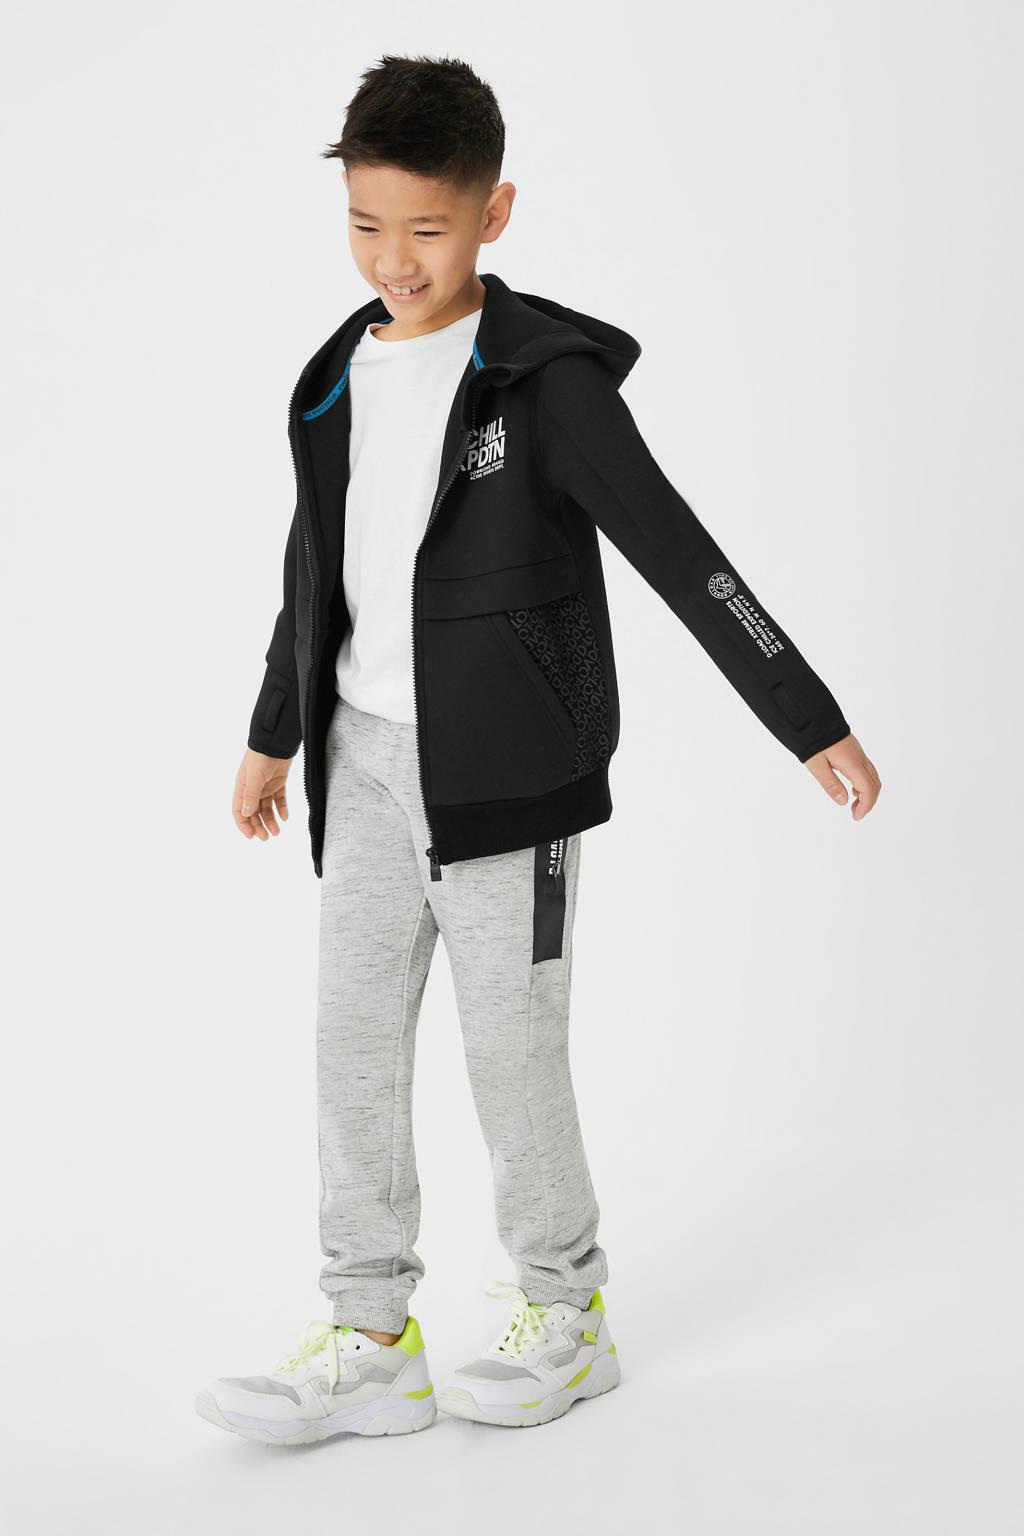 C&A Here & There gemêleerde joggingbroek met zijstreep grijs melange/zwart, Grijs melange/zwart